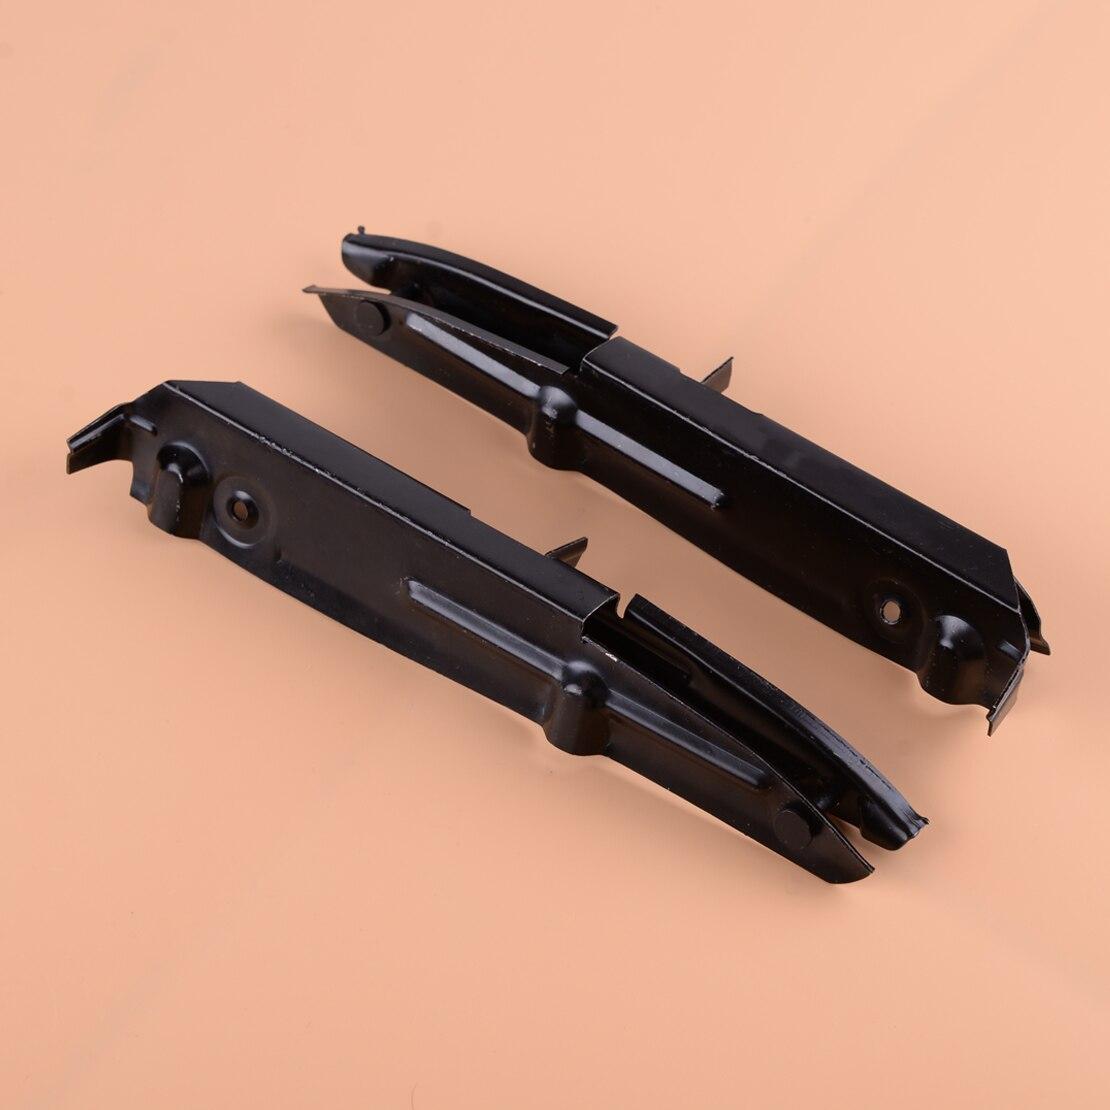 DWCX frontal 1 par soporte de parachoques soporte 2218850714 al 2218850814 para Mercedes W221 S550 2007, 2008, 2009, 2010, 2011, 2012, 2013